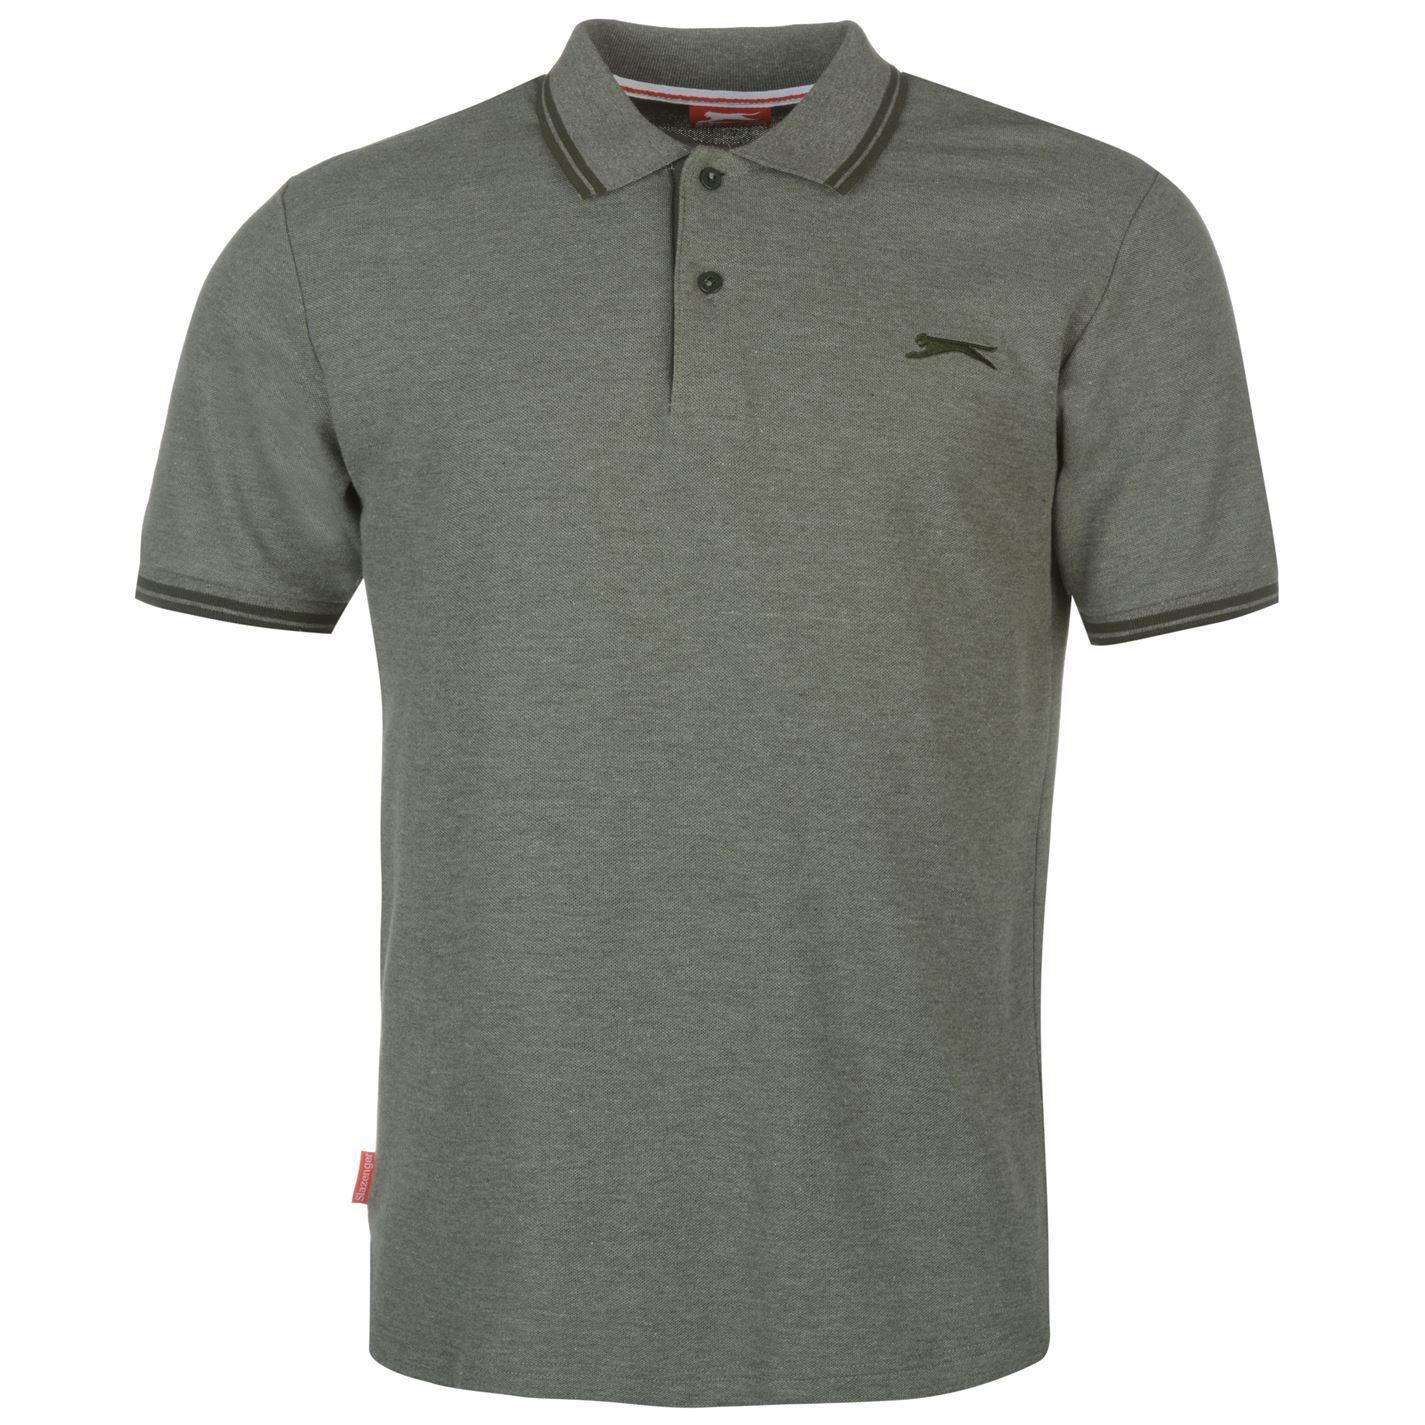 Slazenger-Polo-Camisa-de-hombre-con-cuello-con-Punta-T-Shirt-Top-Camiseta-Tee miniatura 54